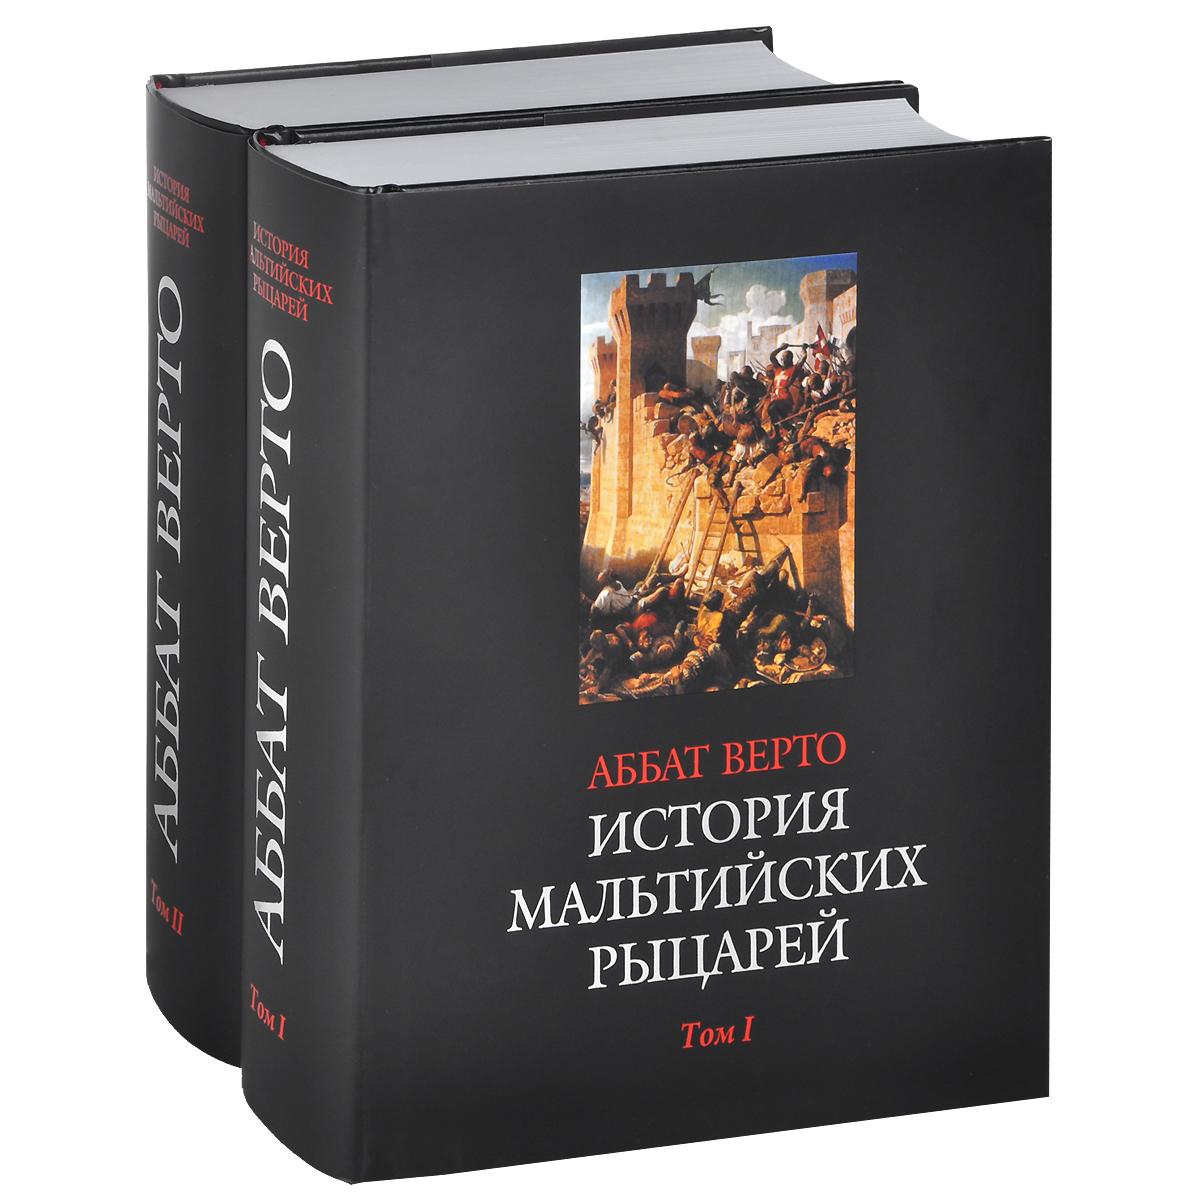 История мальтийских рыцарей. В 2 томах (комплект из 2 книг) ( 978-5-93165-234-4 )